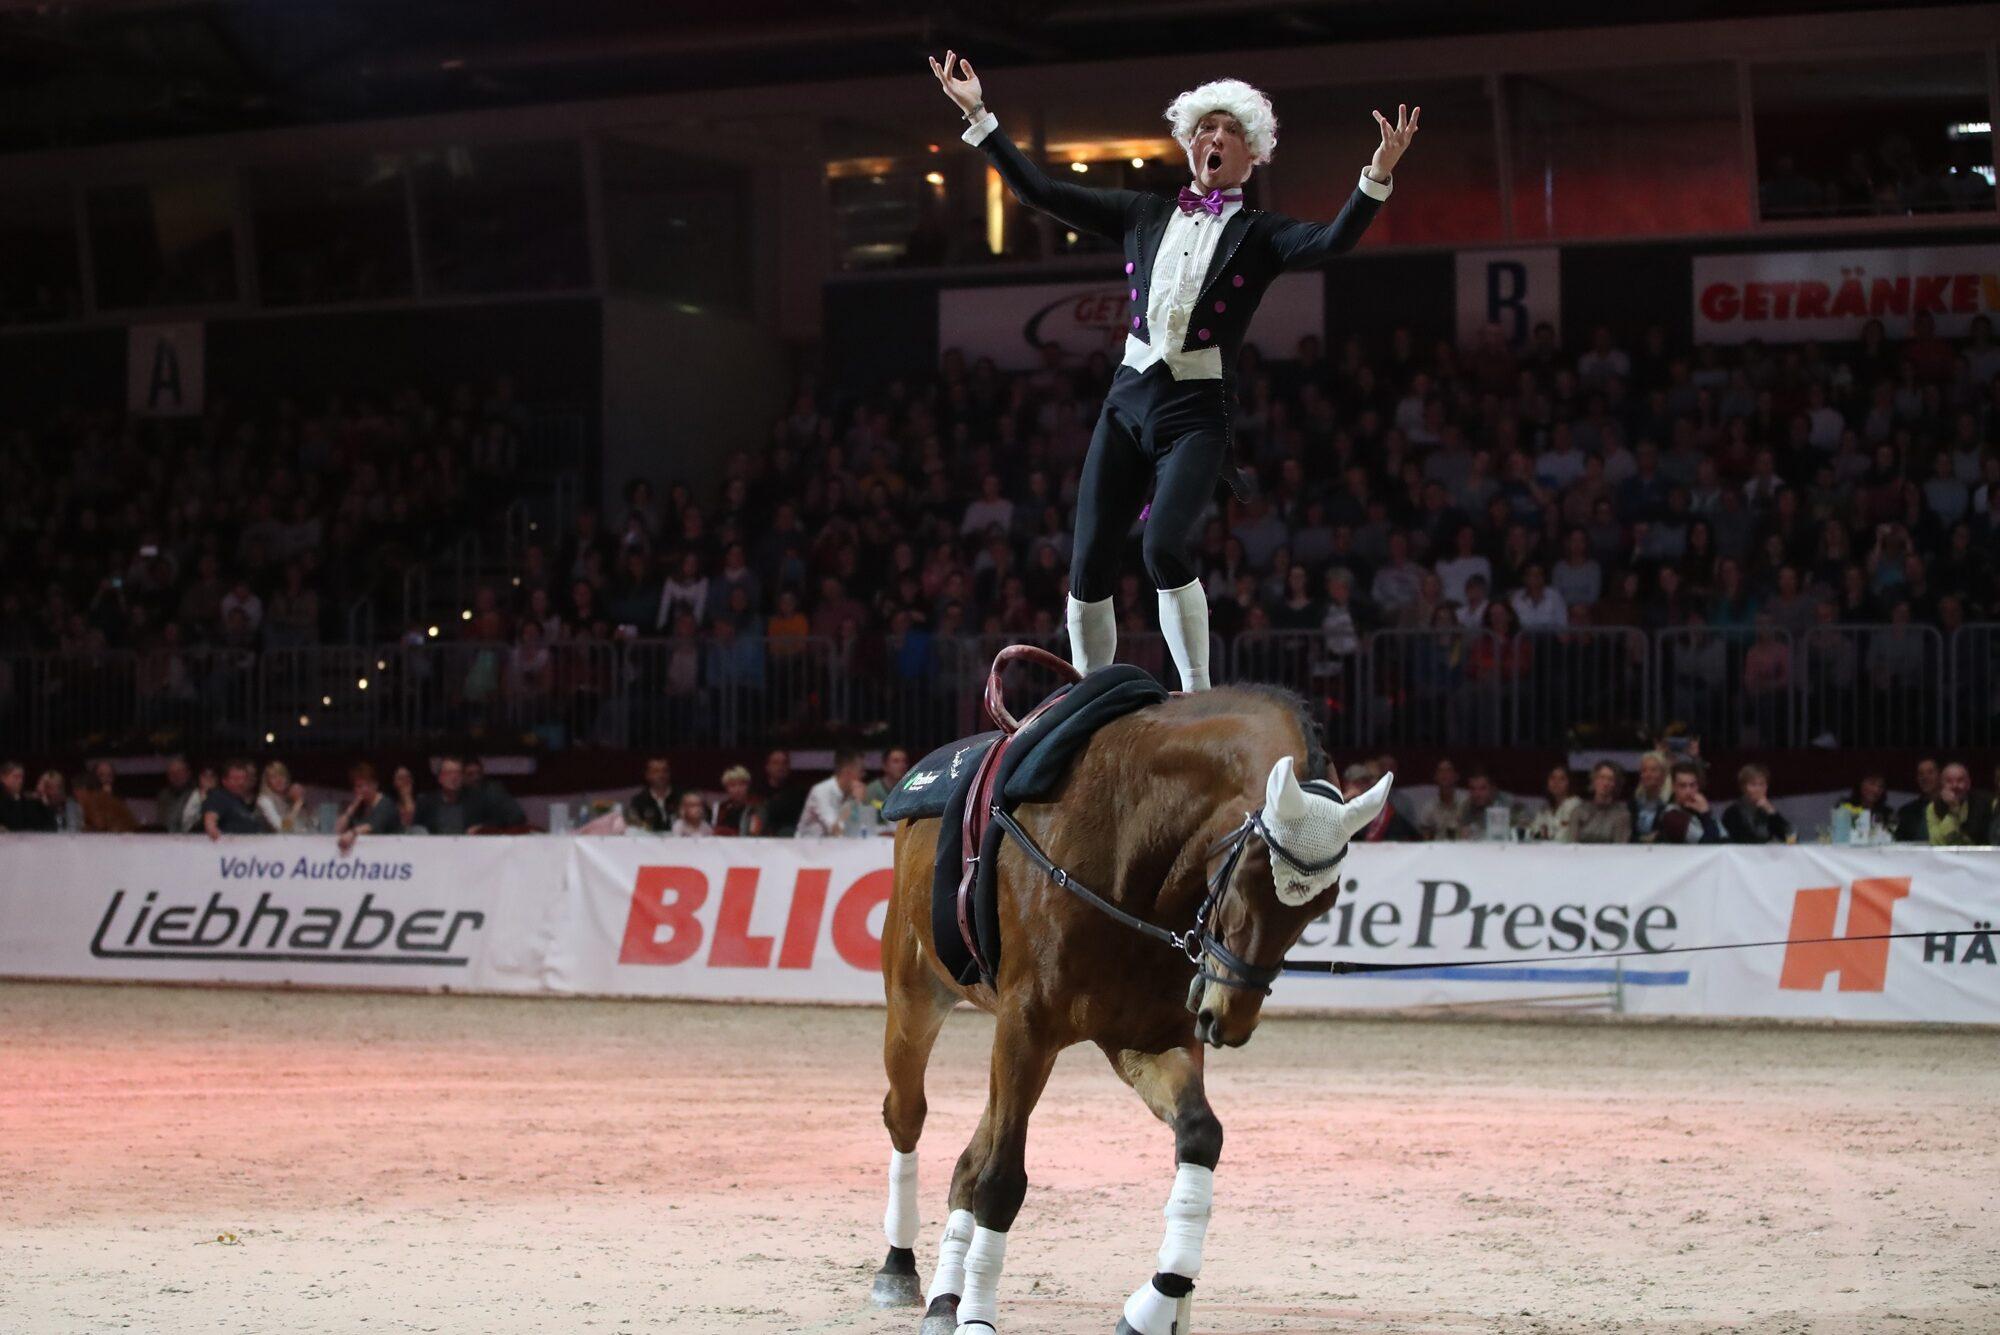 Chemnitzer Pferdenacht mit Audiodeskription: In einer Reitarena steht ein Mann mit Perücke und barockem Anzug auf einem trabenden Pferd. Gestikulierend hat er seine Hände zur Seite gehoben. Im Hintergrund füllen Zuschauer die Sitzplätze, Fotoquelle: www.großer-preis-sachsen.de.